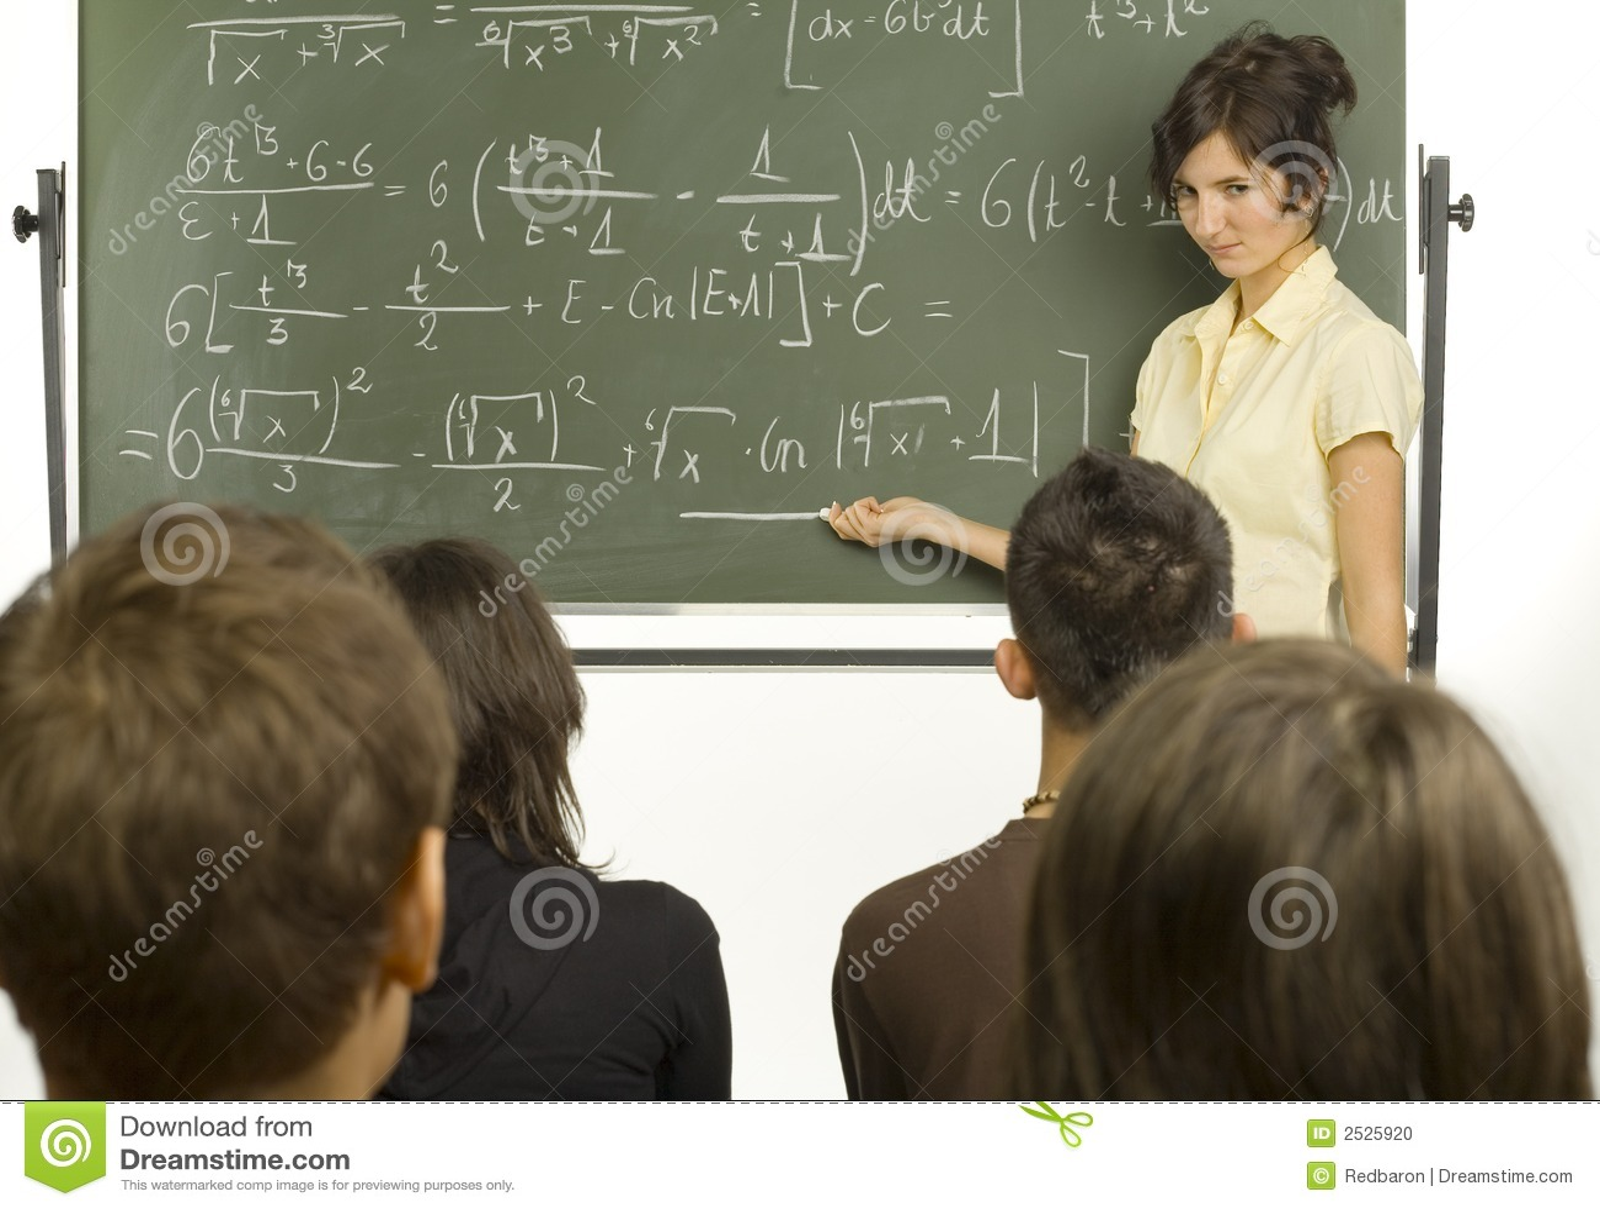 Учителя и ученики бесплатно 1 фотография